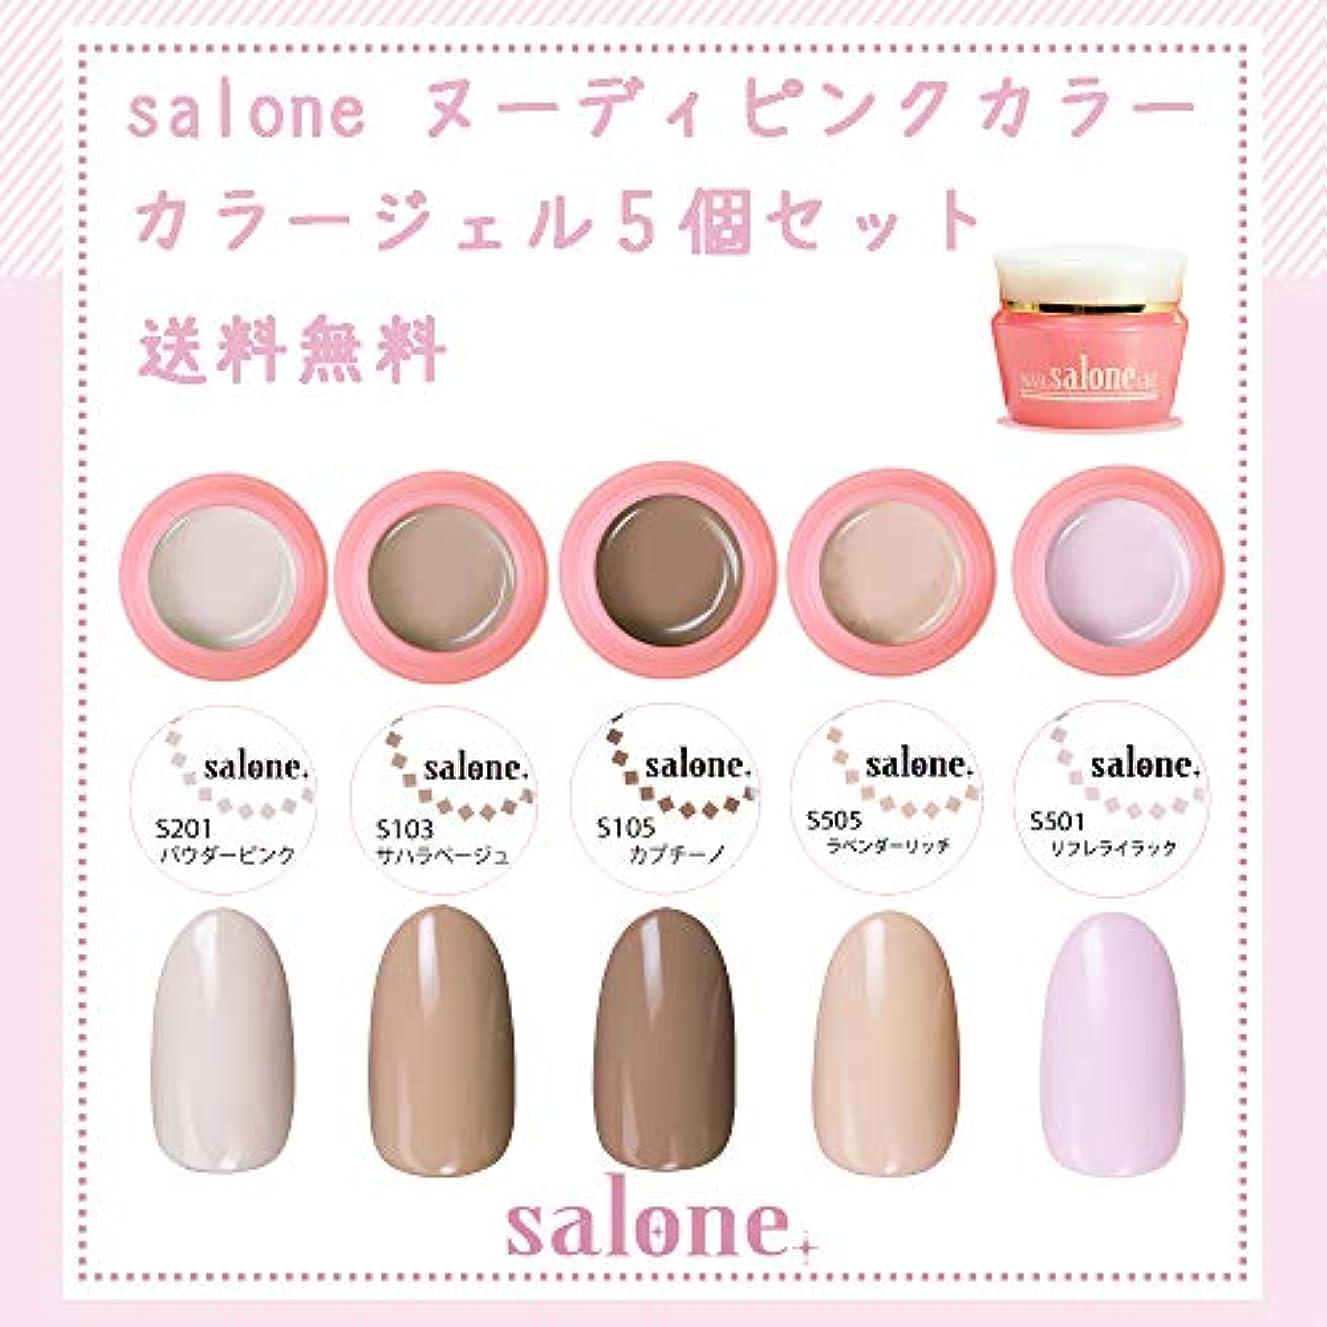 と遊ぶ潜在的な伝導【送料無料 日本製】Salone ヌーディピンク カラージェル5個セット サロンで人気のピンクベースの肌馴染みの良い上品なヌーディカラー